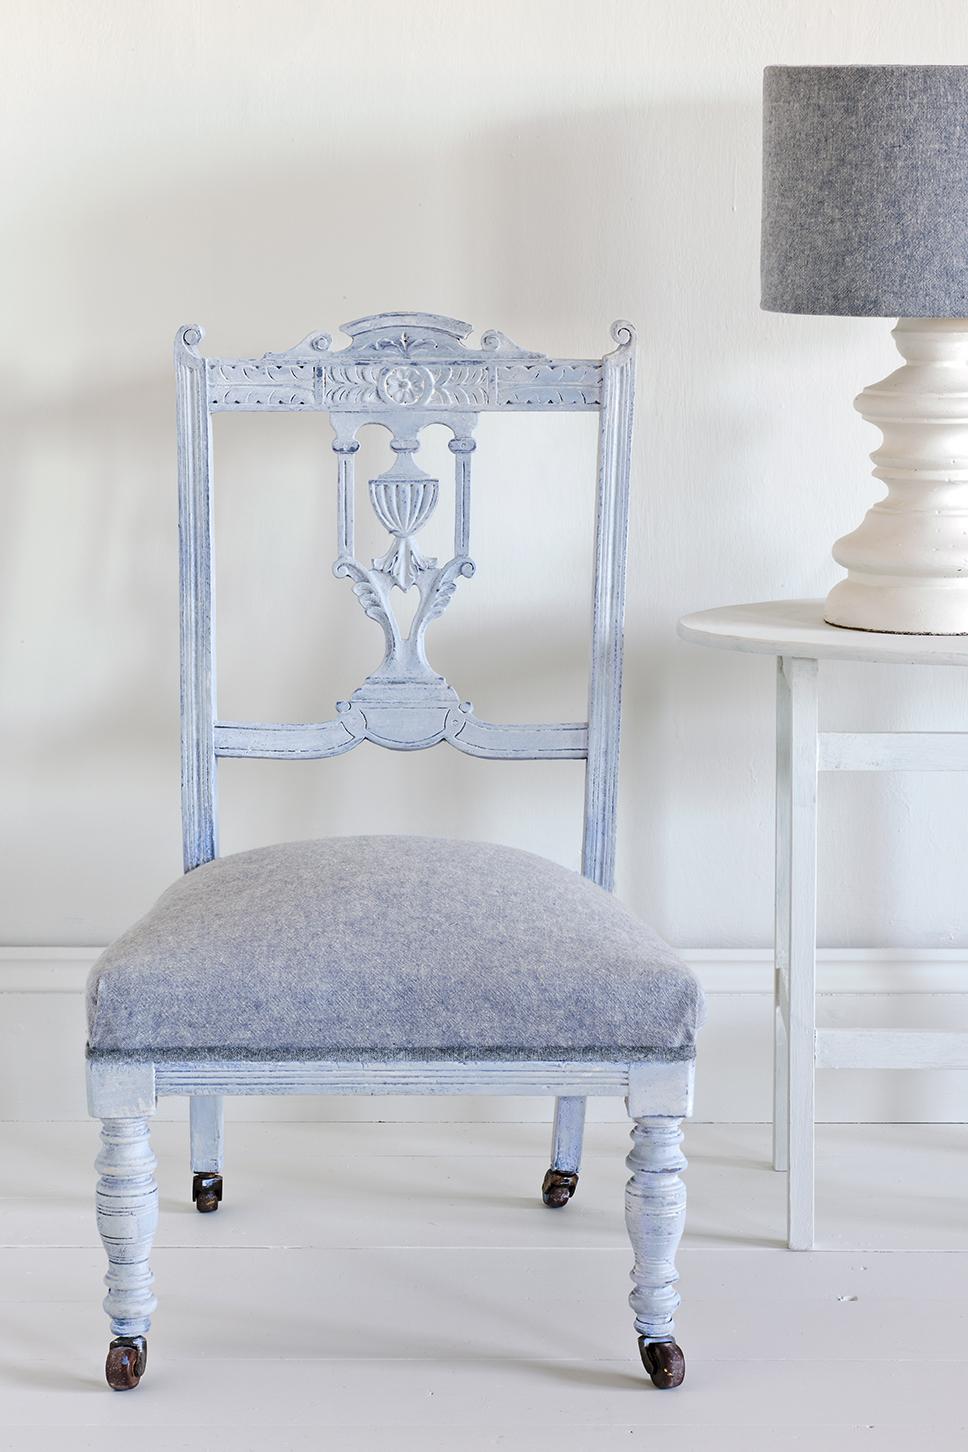 Matériel Pour Patiner Un Meuble la chalk paint en 8 questions | interior design ideas | home